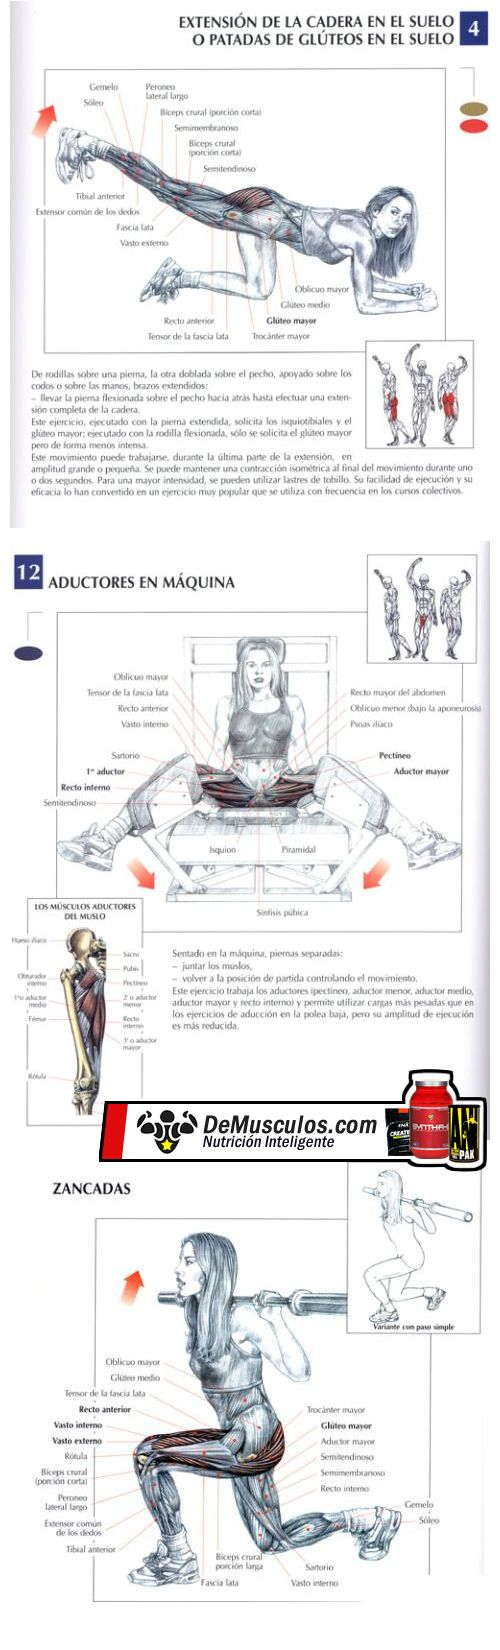 Varios ejercicios para glúteos. Más contenidos en www.EJERCICIOS.demusculos.com